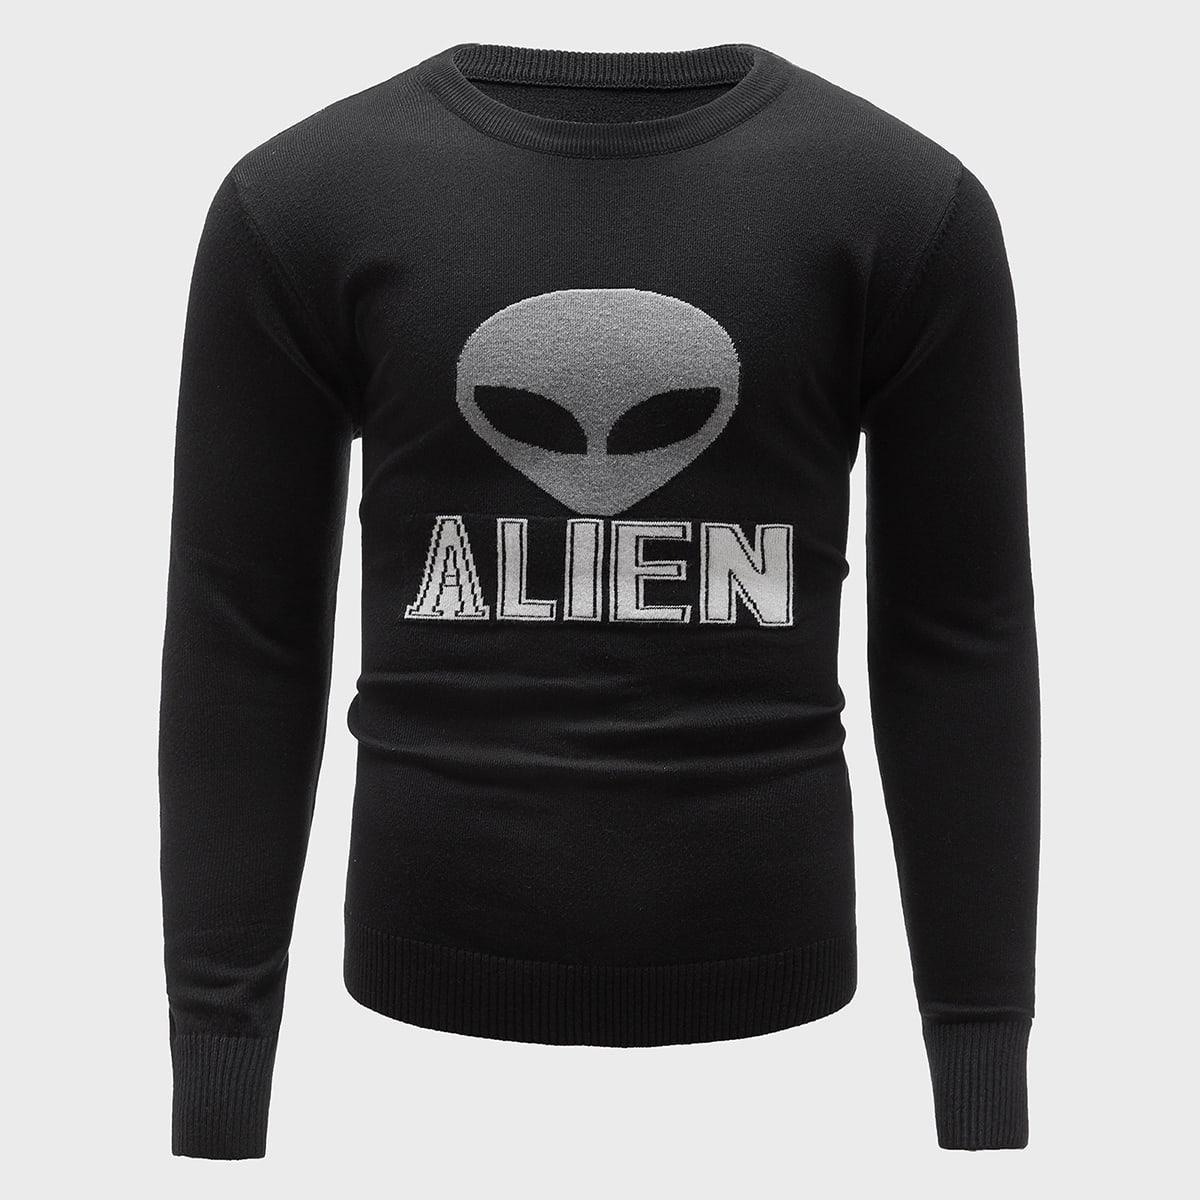 Мужской свитер с буквами и инопланетным узором